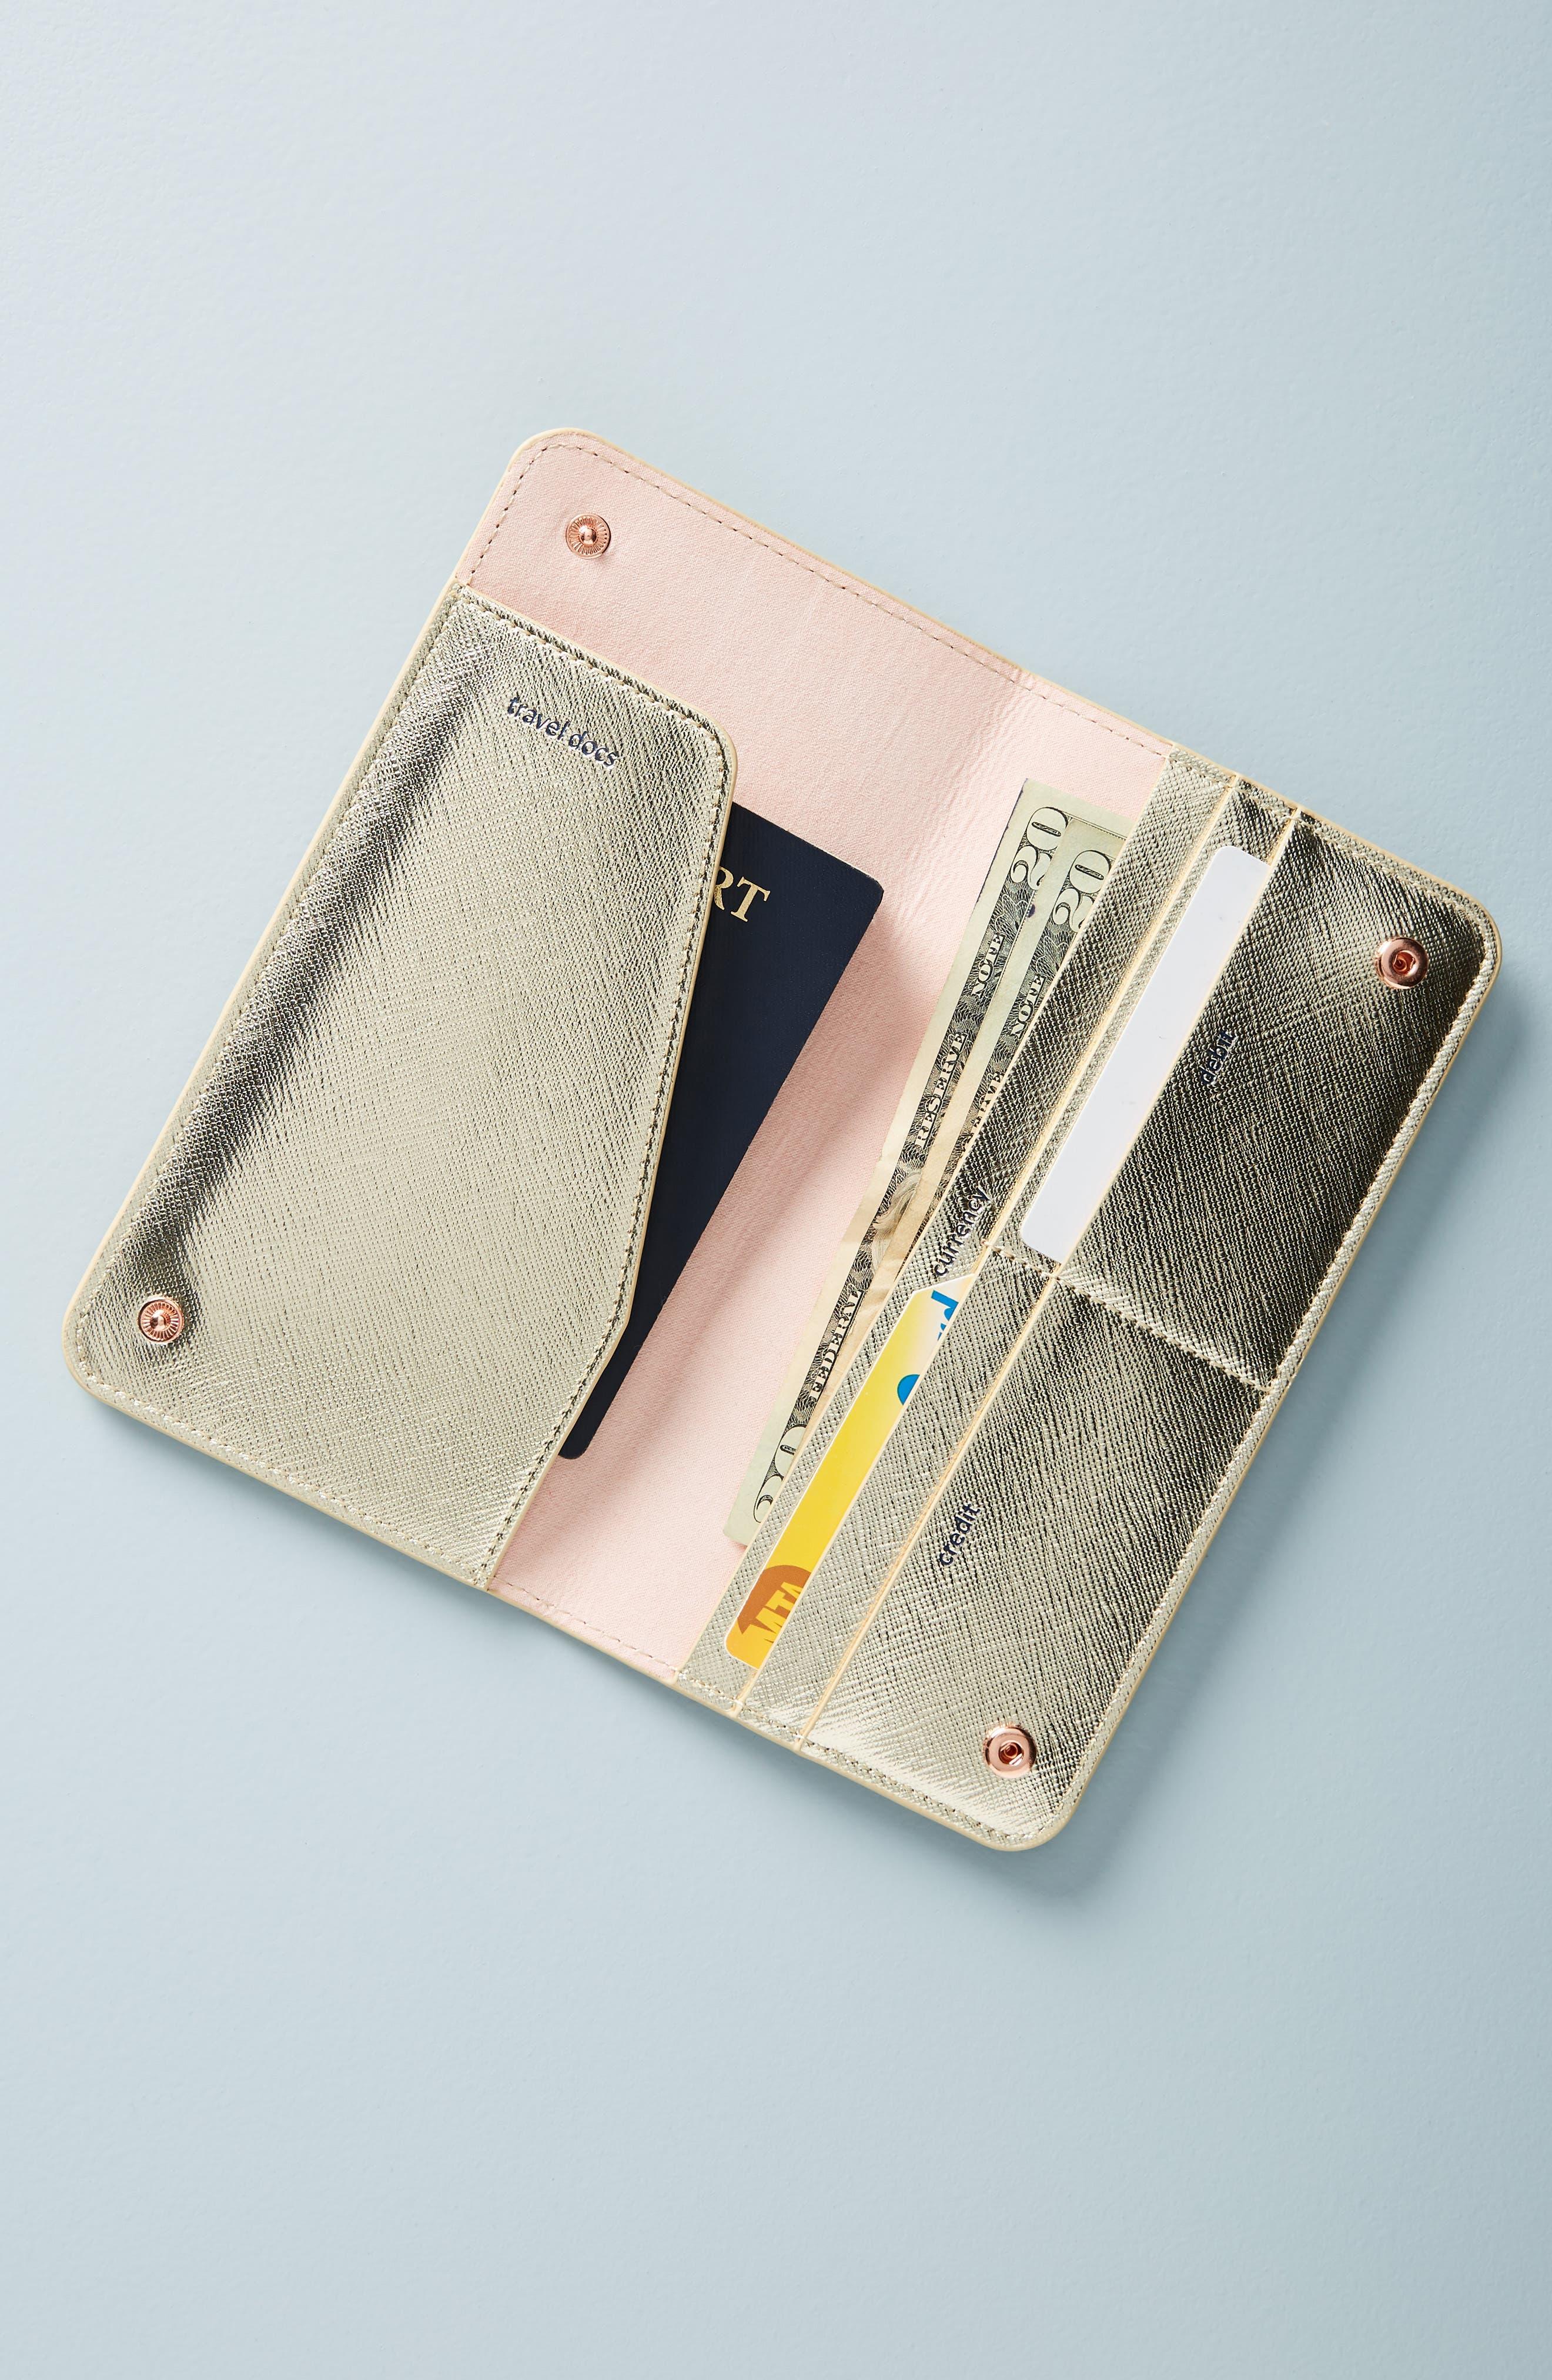 Celeste Travel Wallet,                             Alternate thumbnail 2, color,                             710